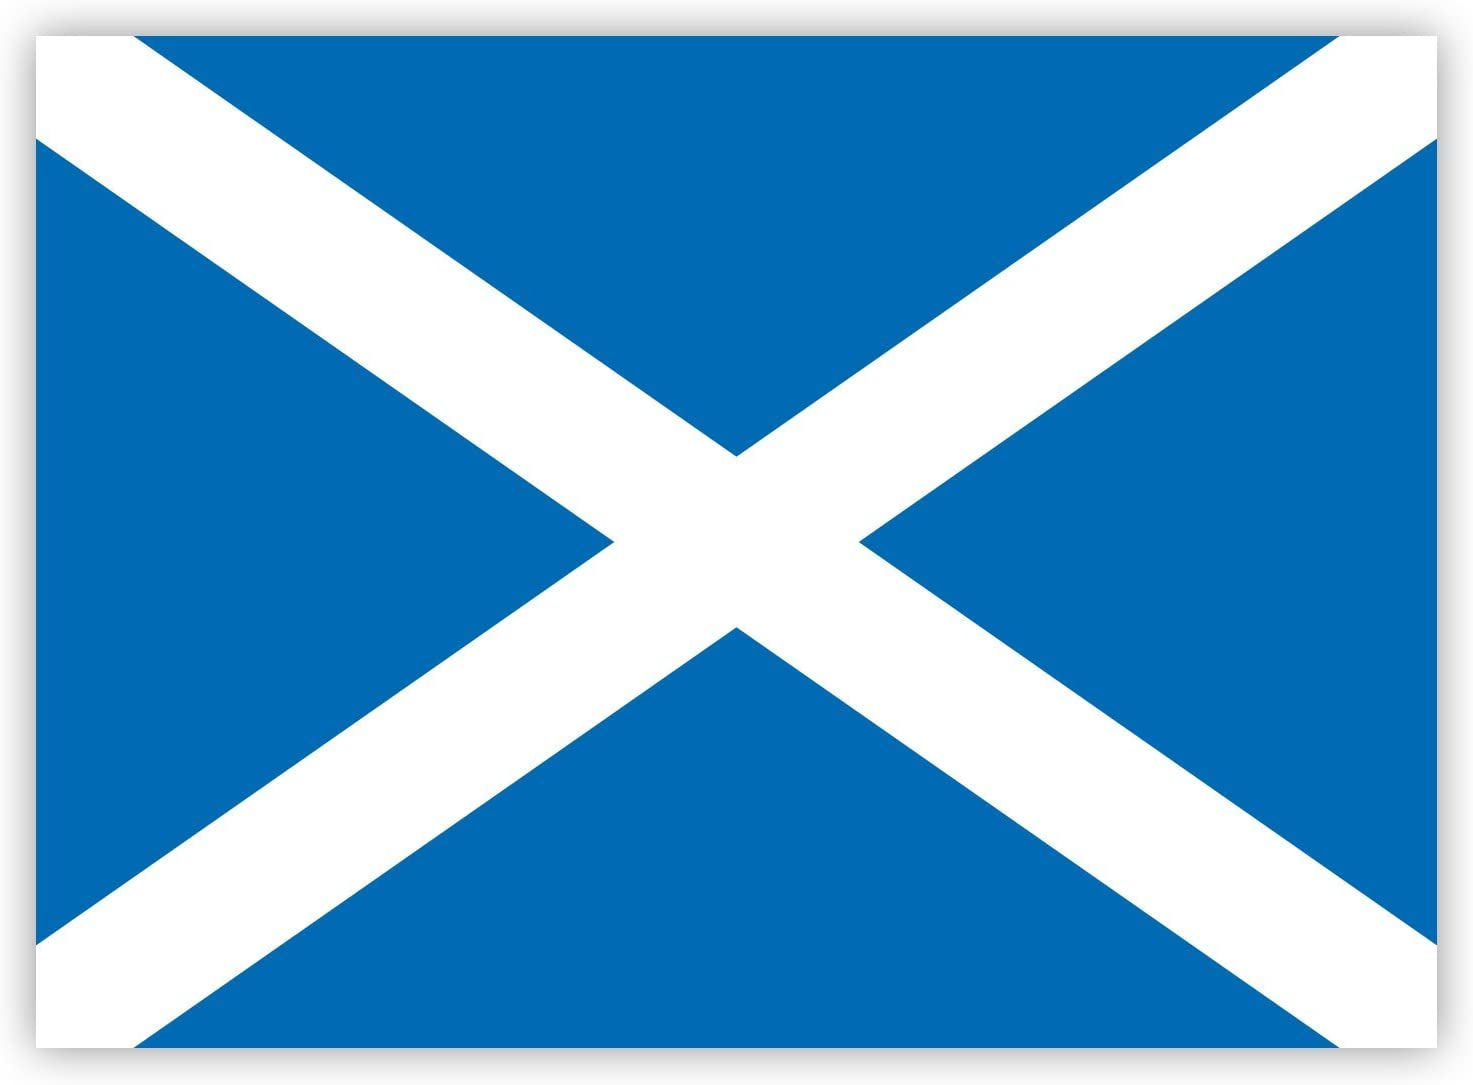 Saltire Cross-Fahne HouseholdBasics 2 x Aufkleber Schottland-Flagge 7,4 x 5,2 cm f/ür Innen und au/ßen